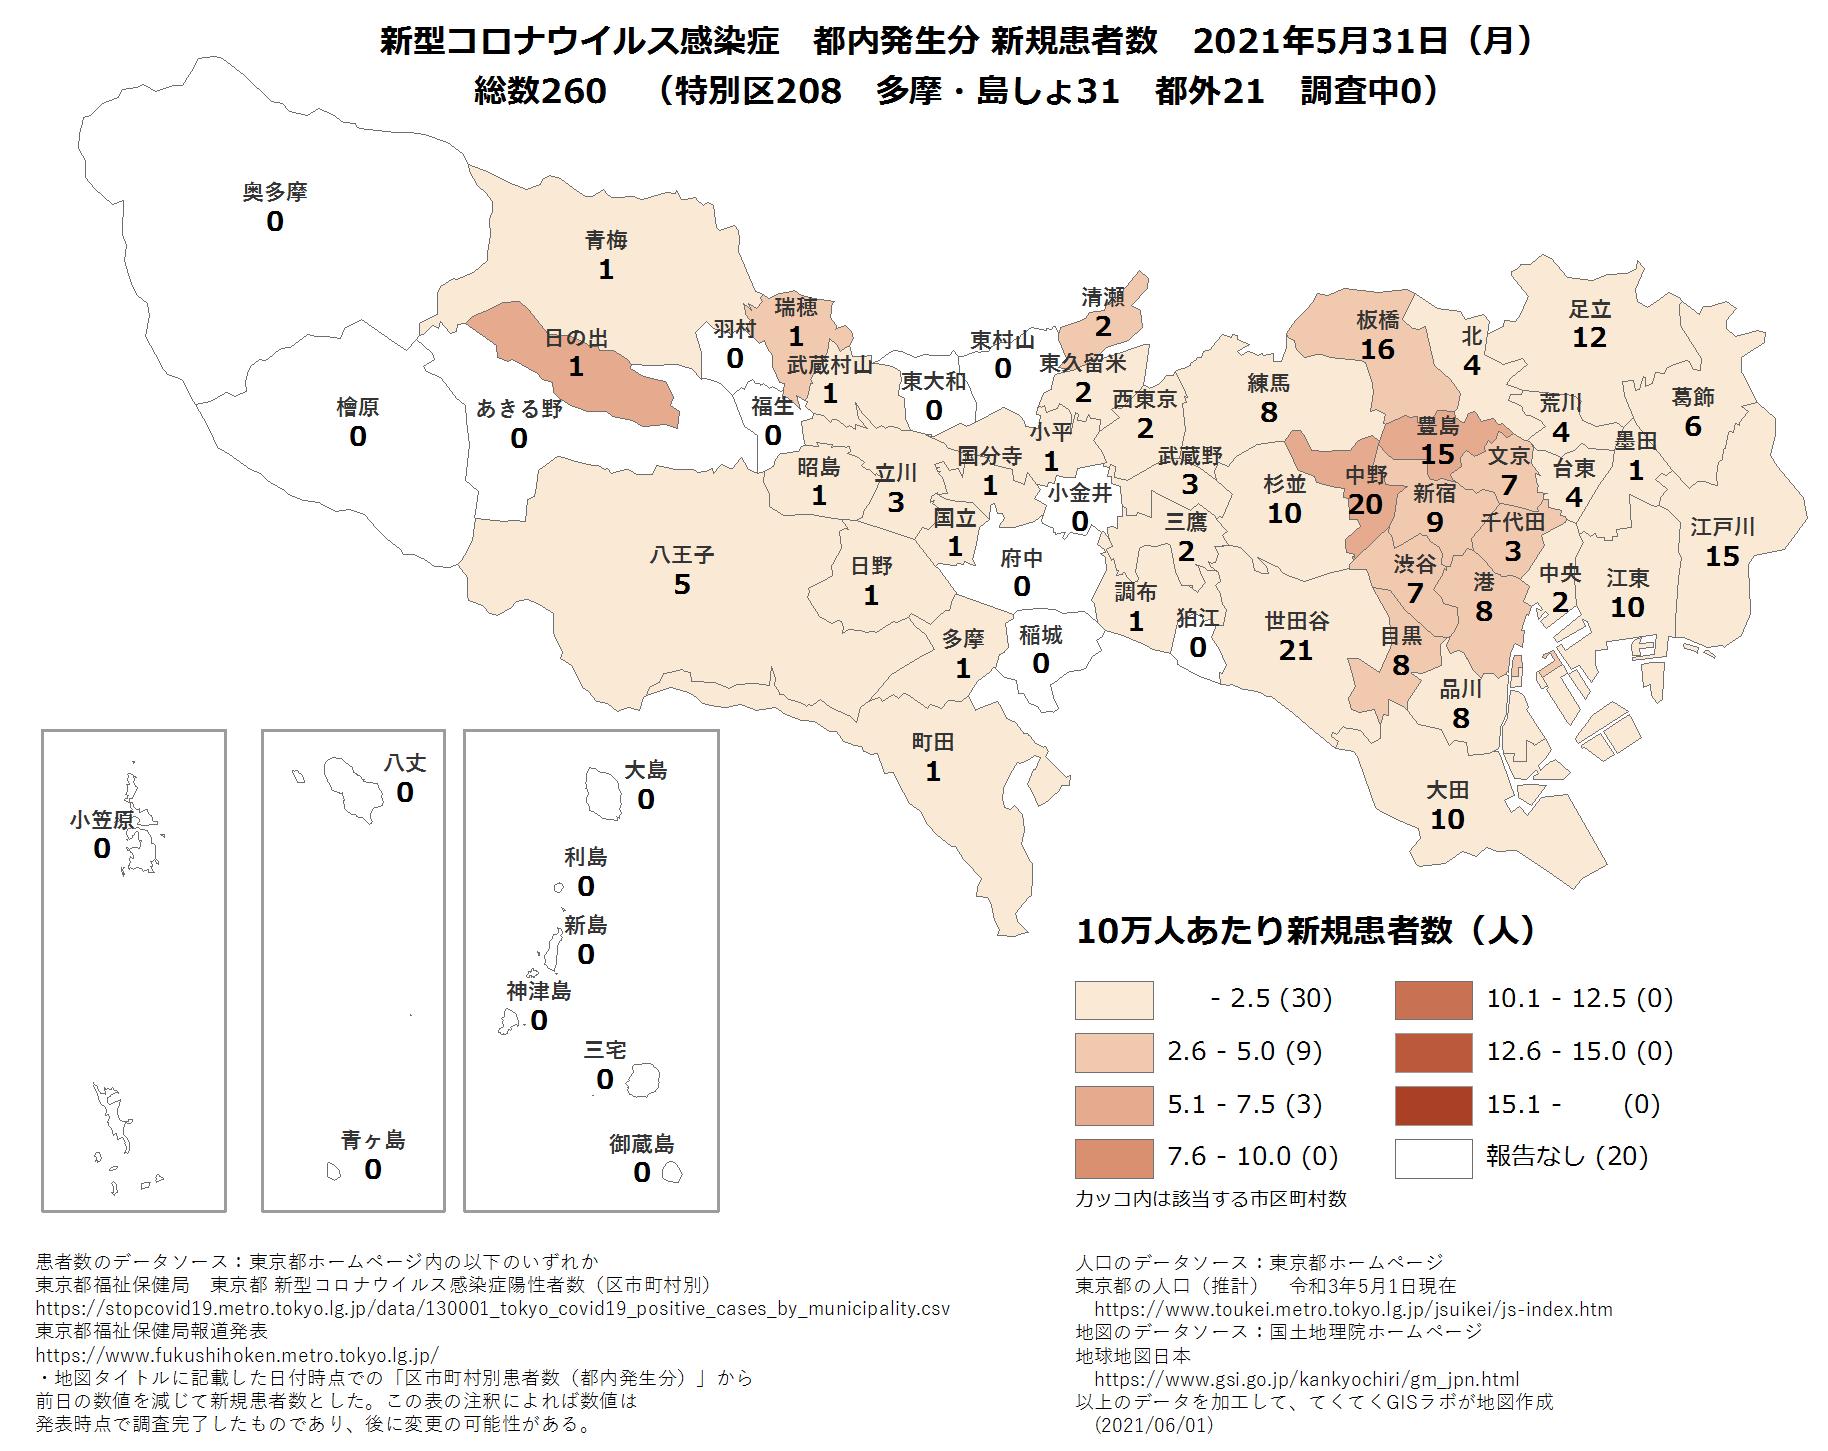 新規患者数、5月31日、東京